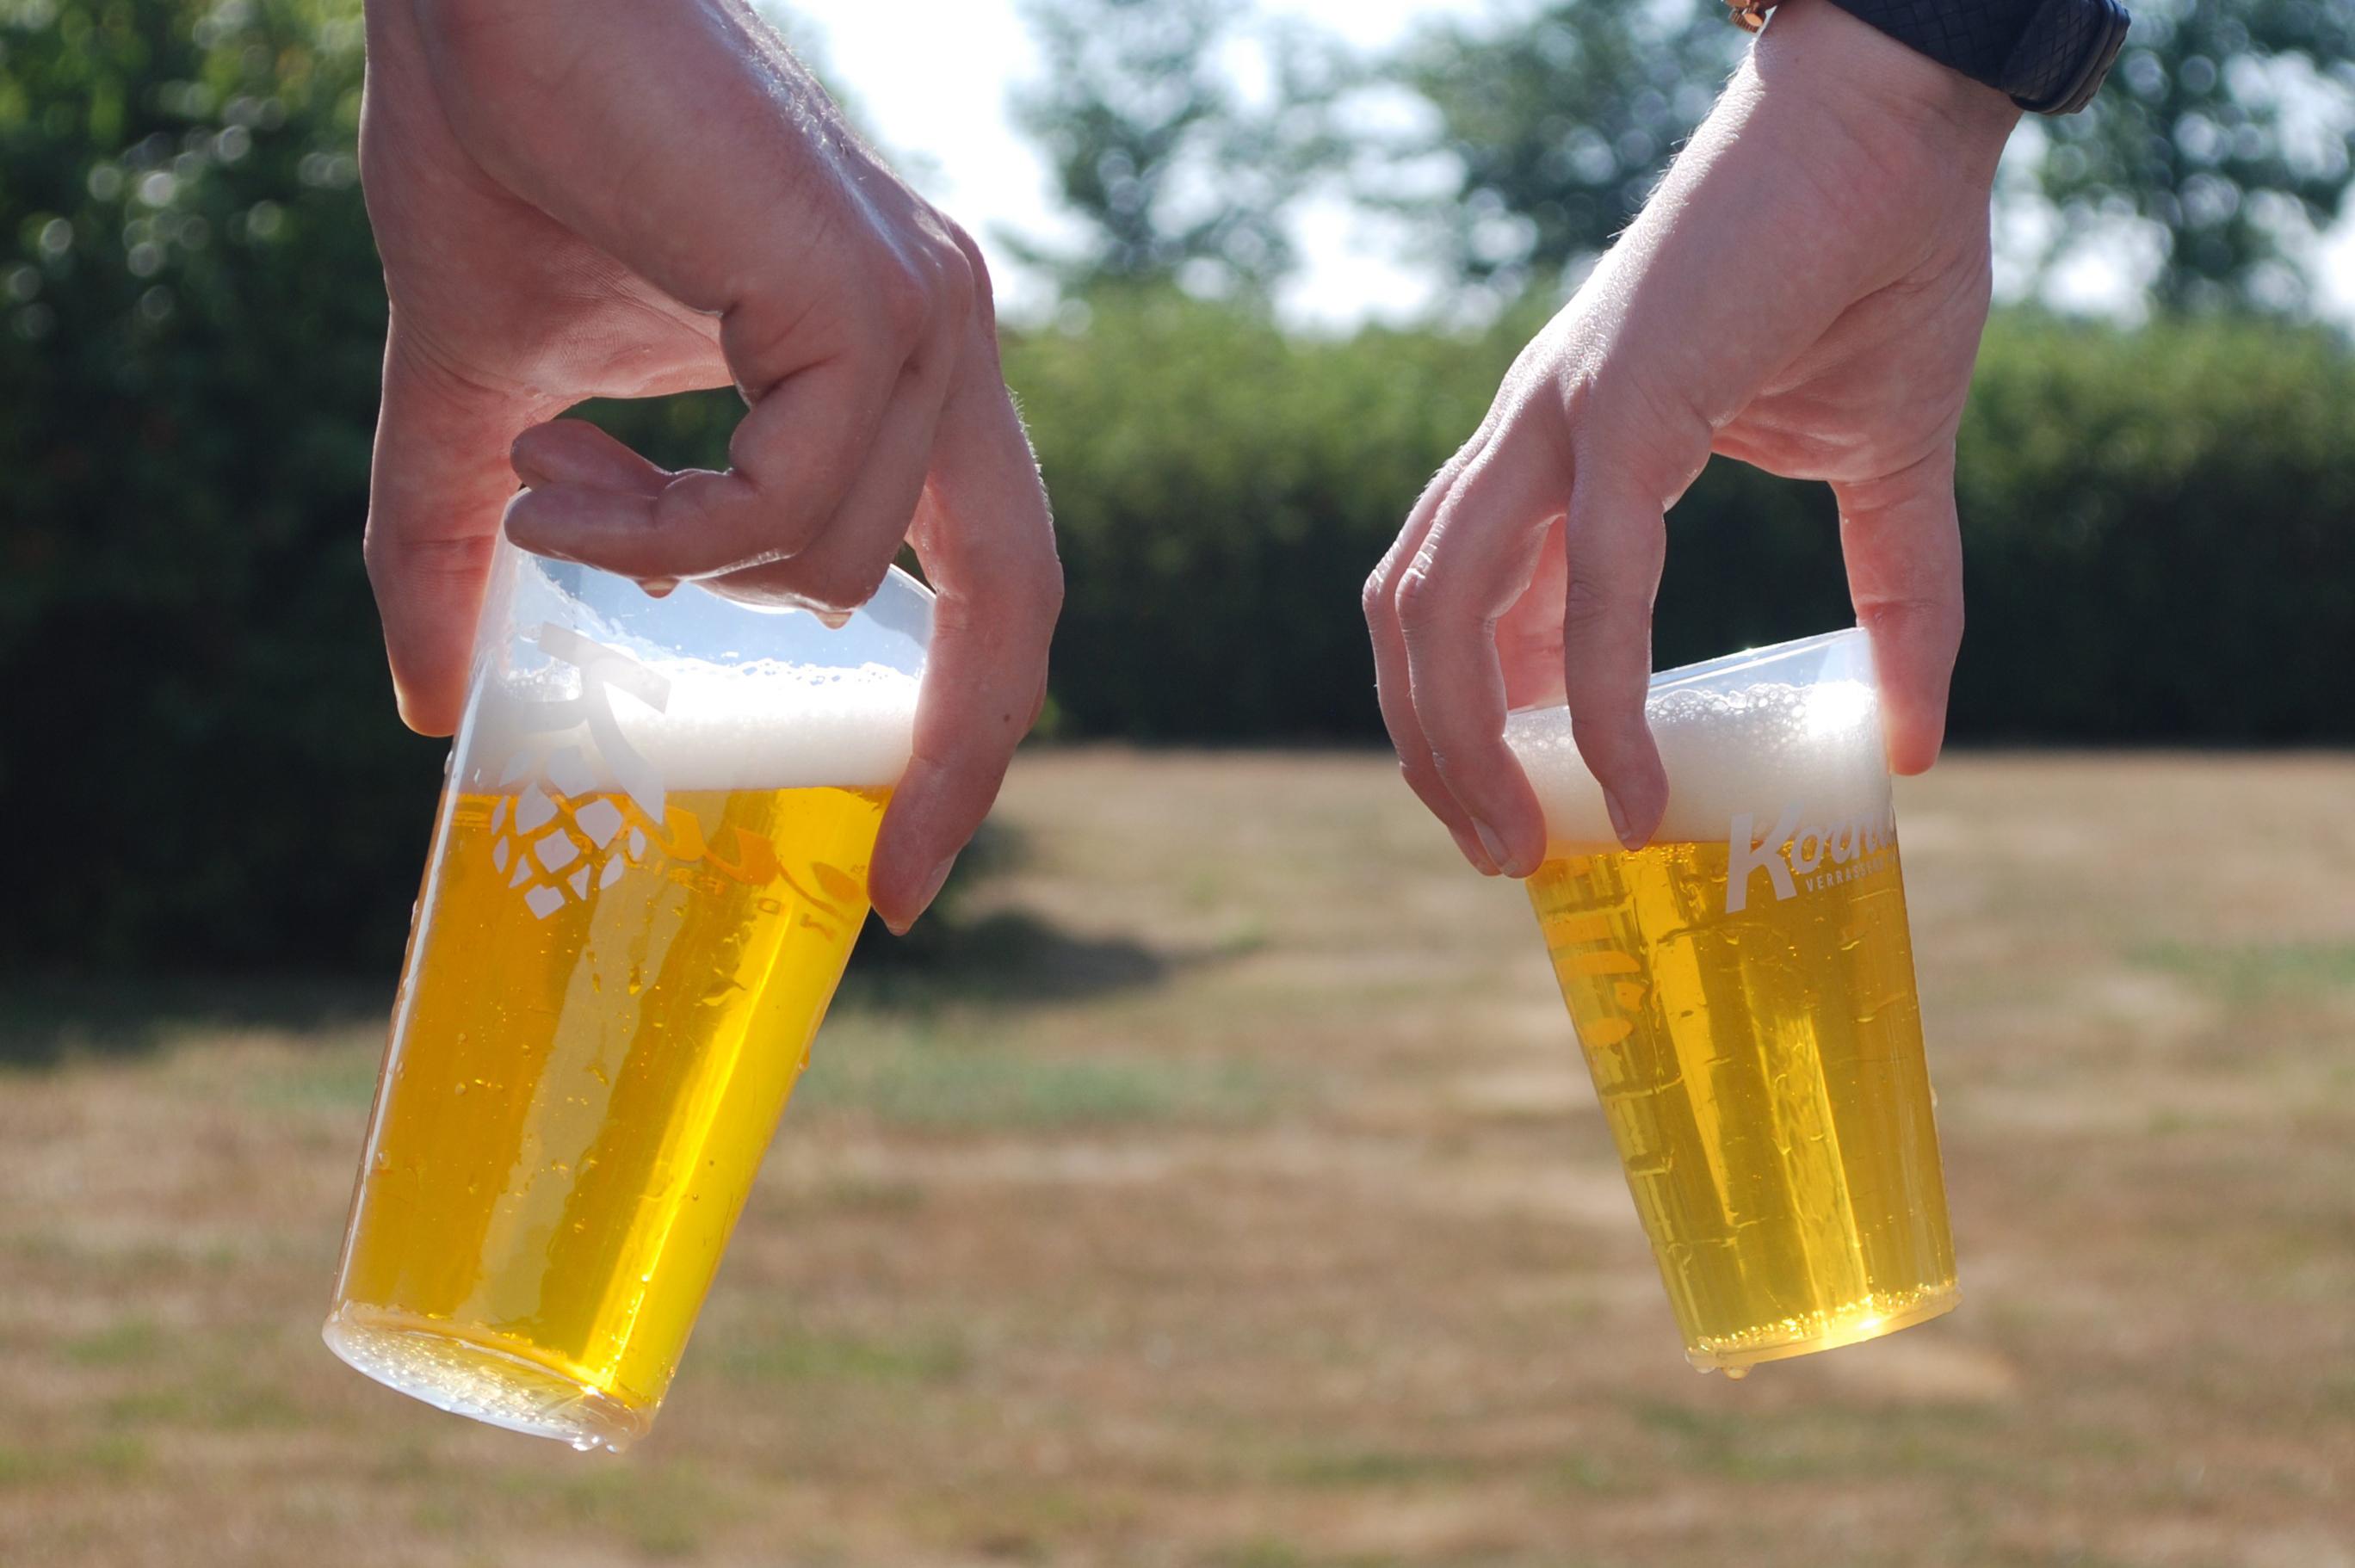 Kornuit start met circulaire drinkbekers op festivals